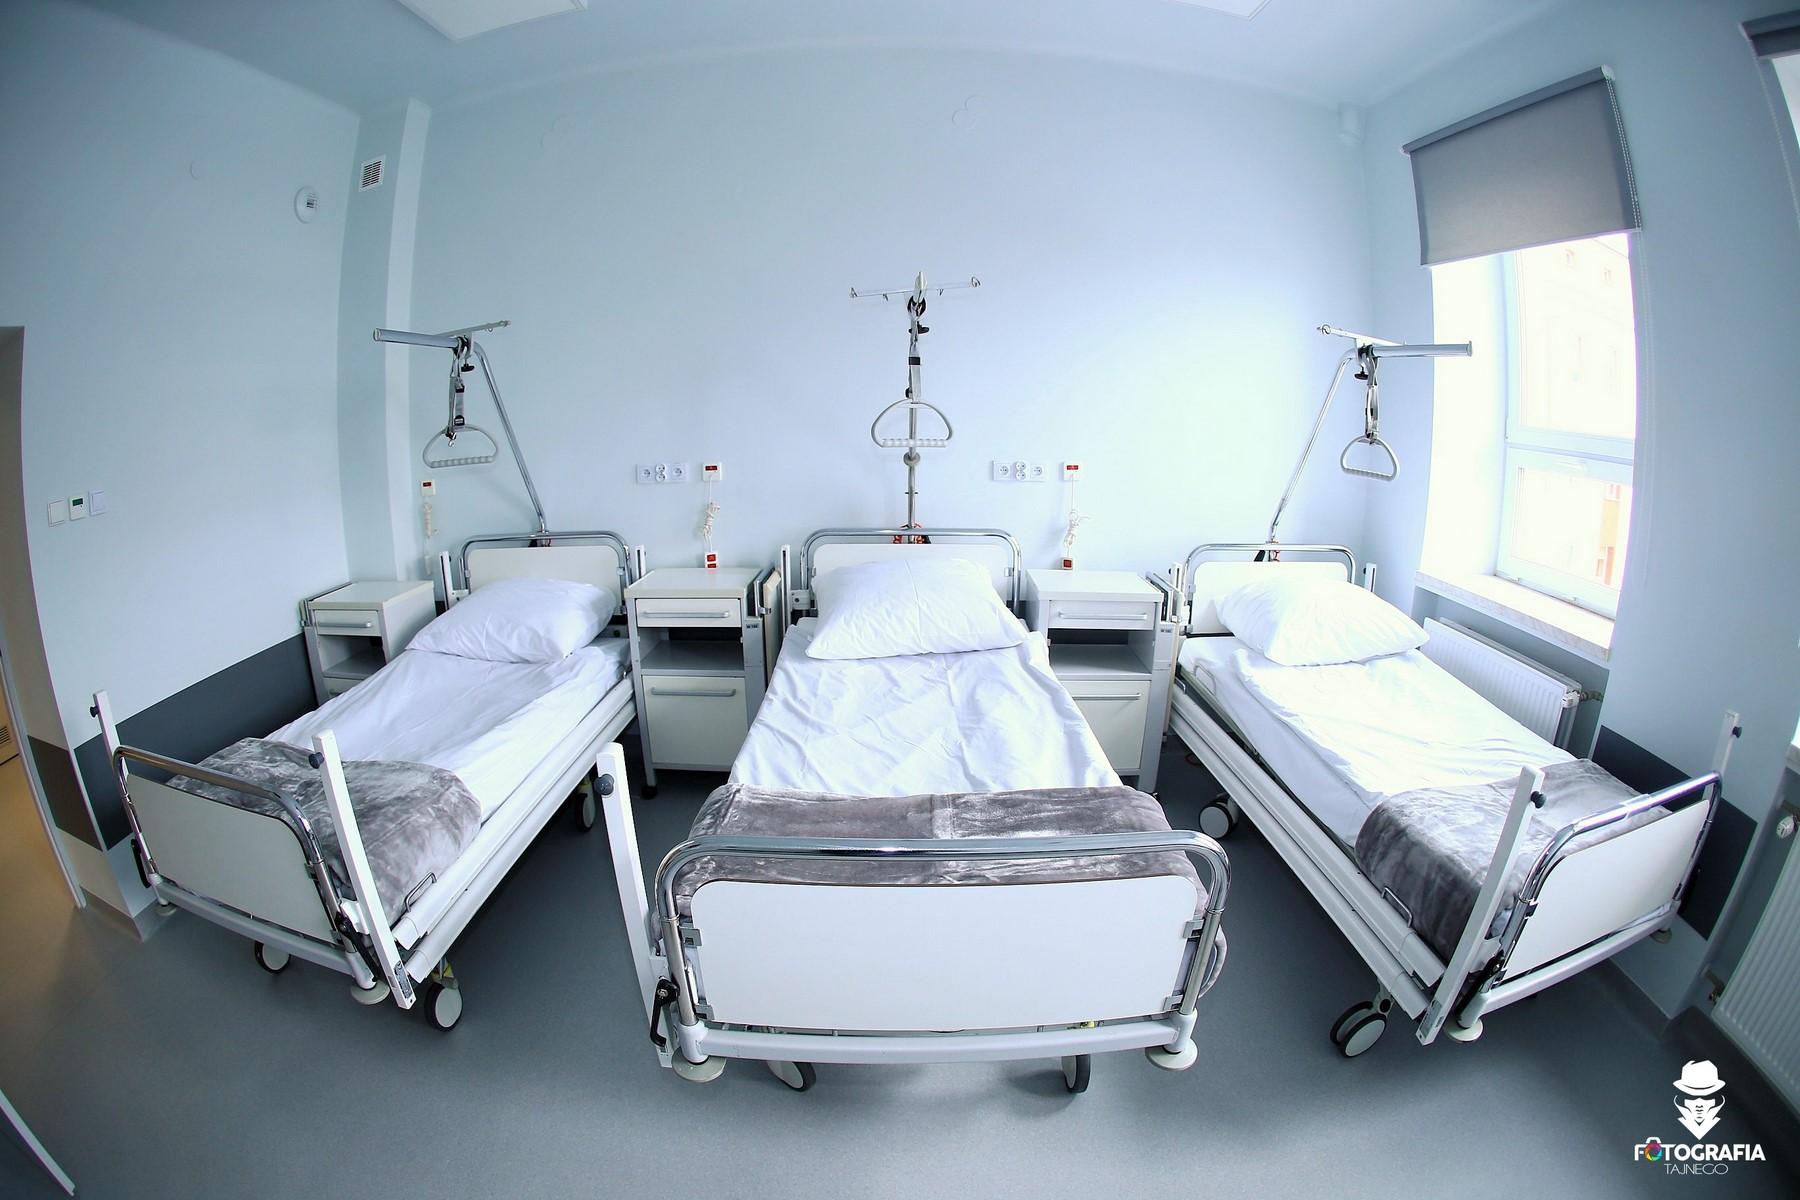 Zmodernizowany Oddział Neurologiczny oddany do użytku